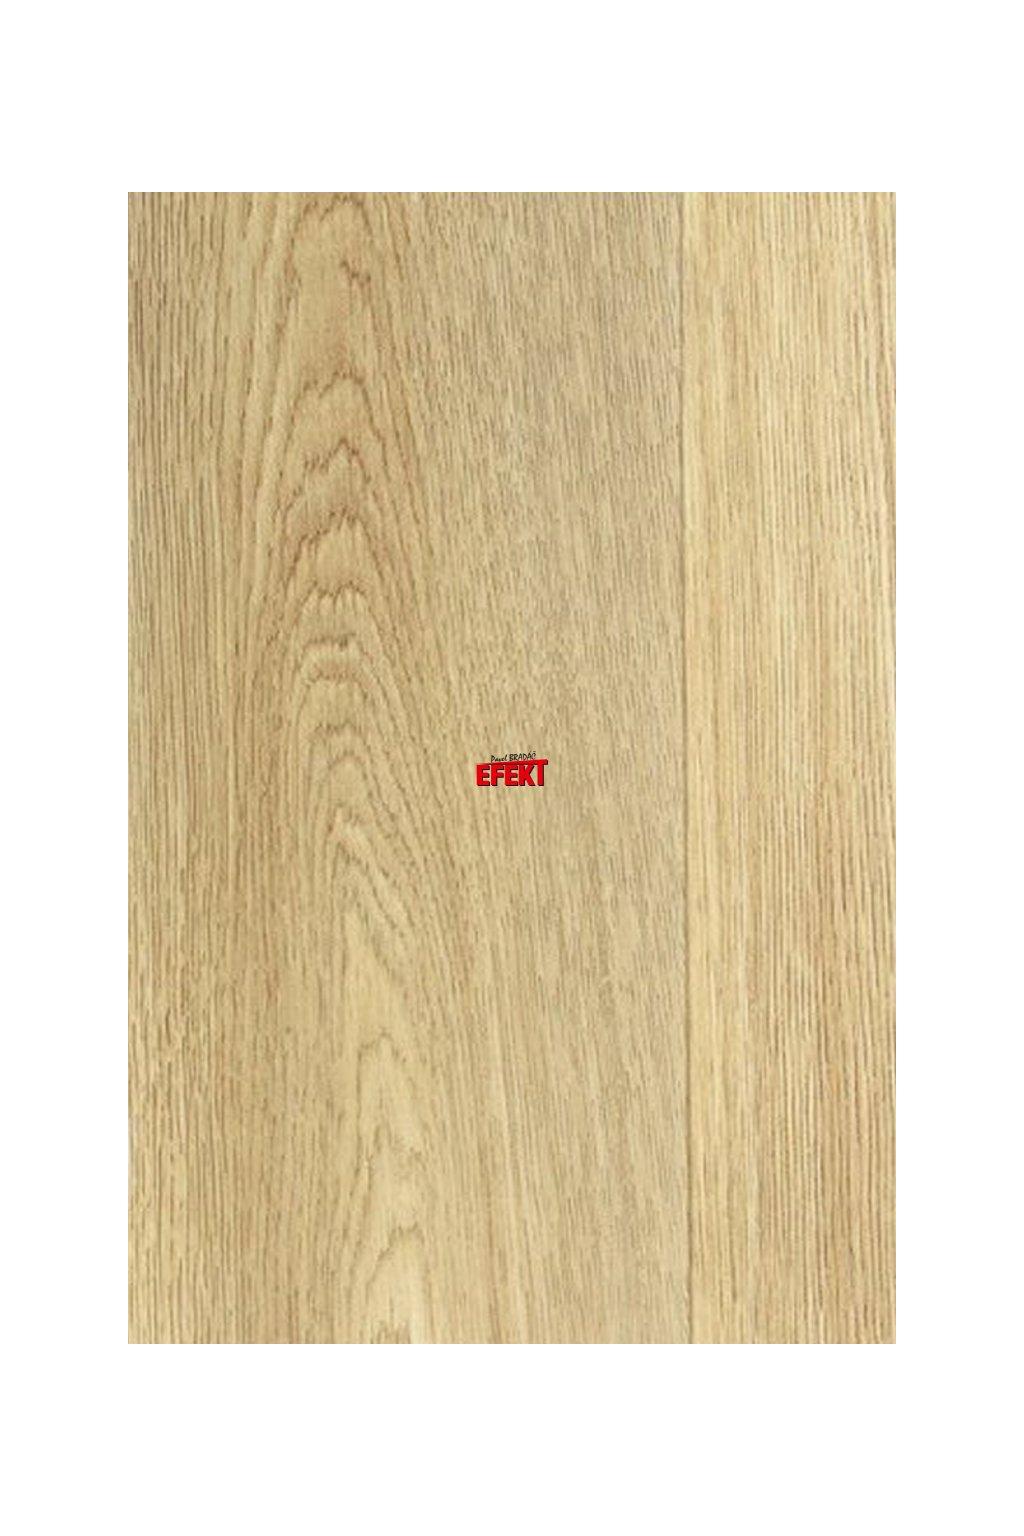 Blacktex Columbian Oak 692M